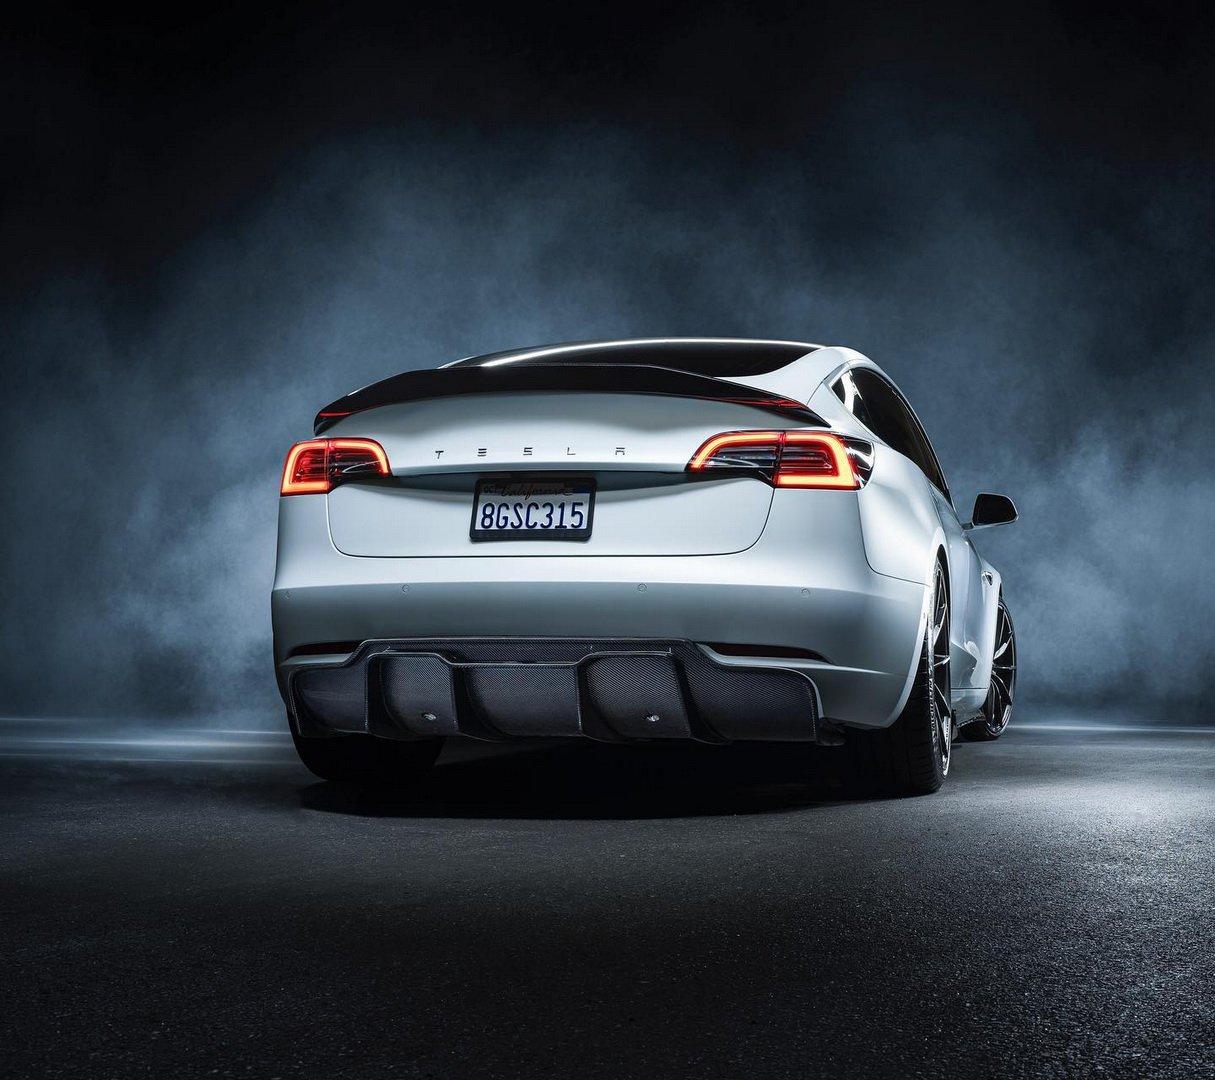 BMW X6M Sexed Up By Vorsteiner